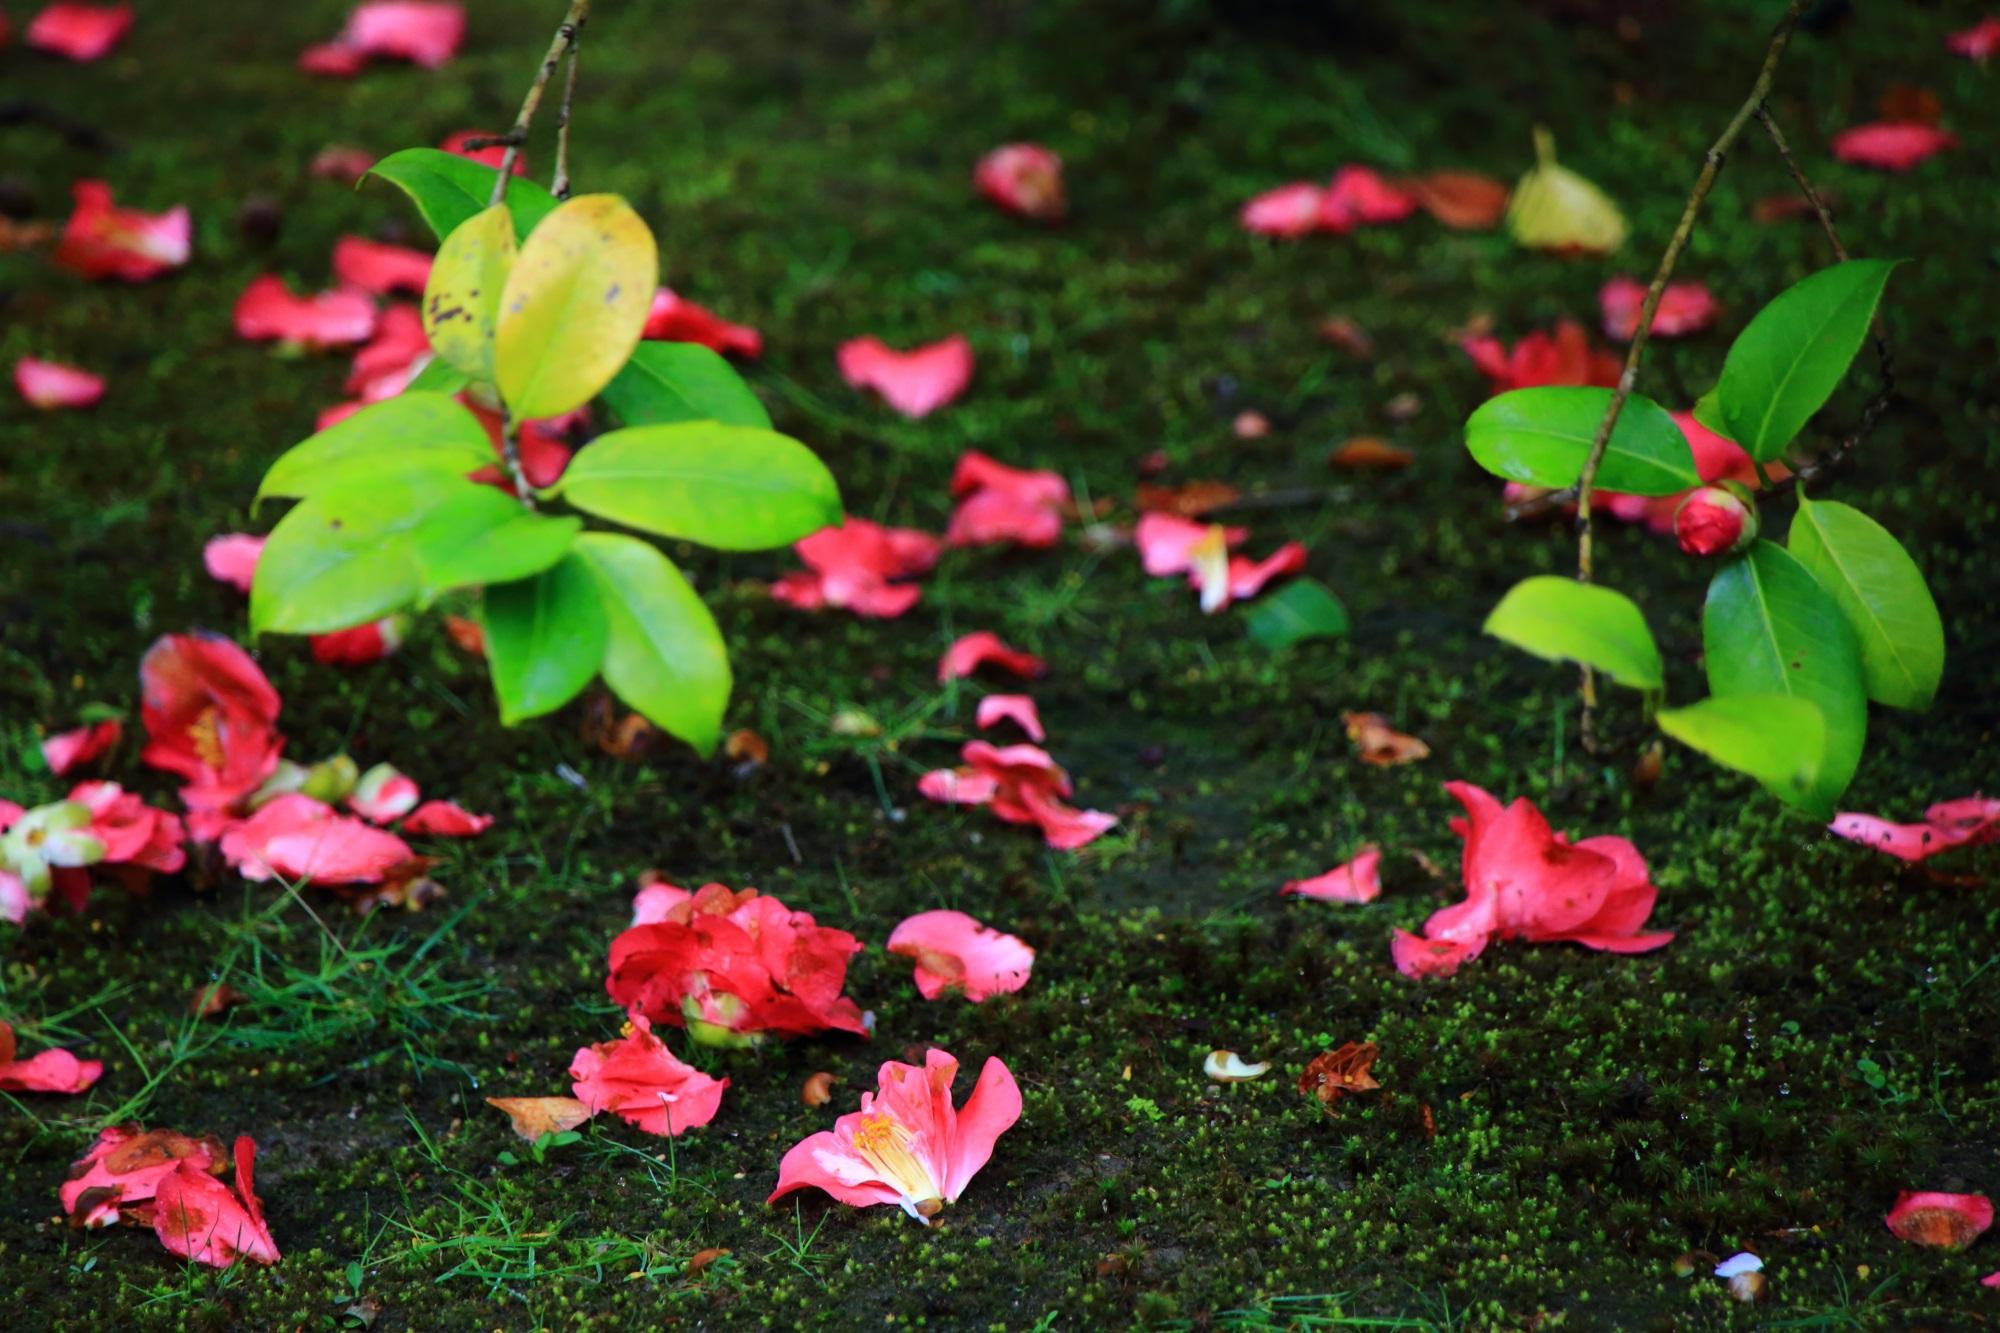 緑の苔に散る鮮やかな椿